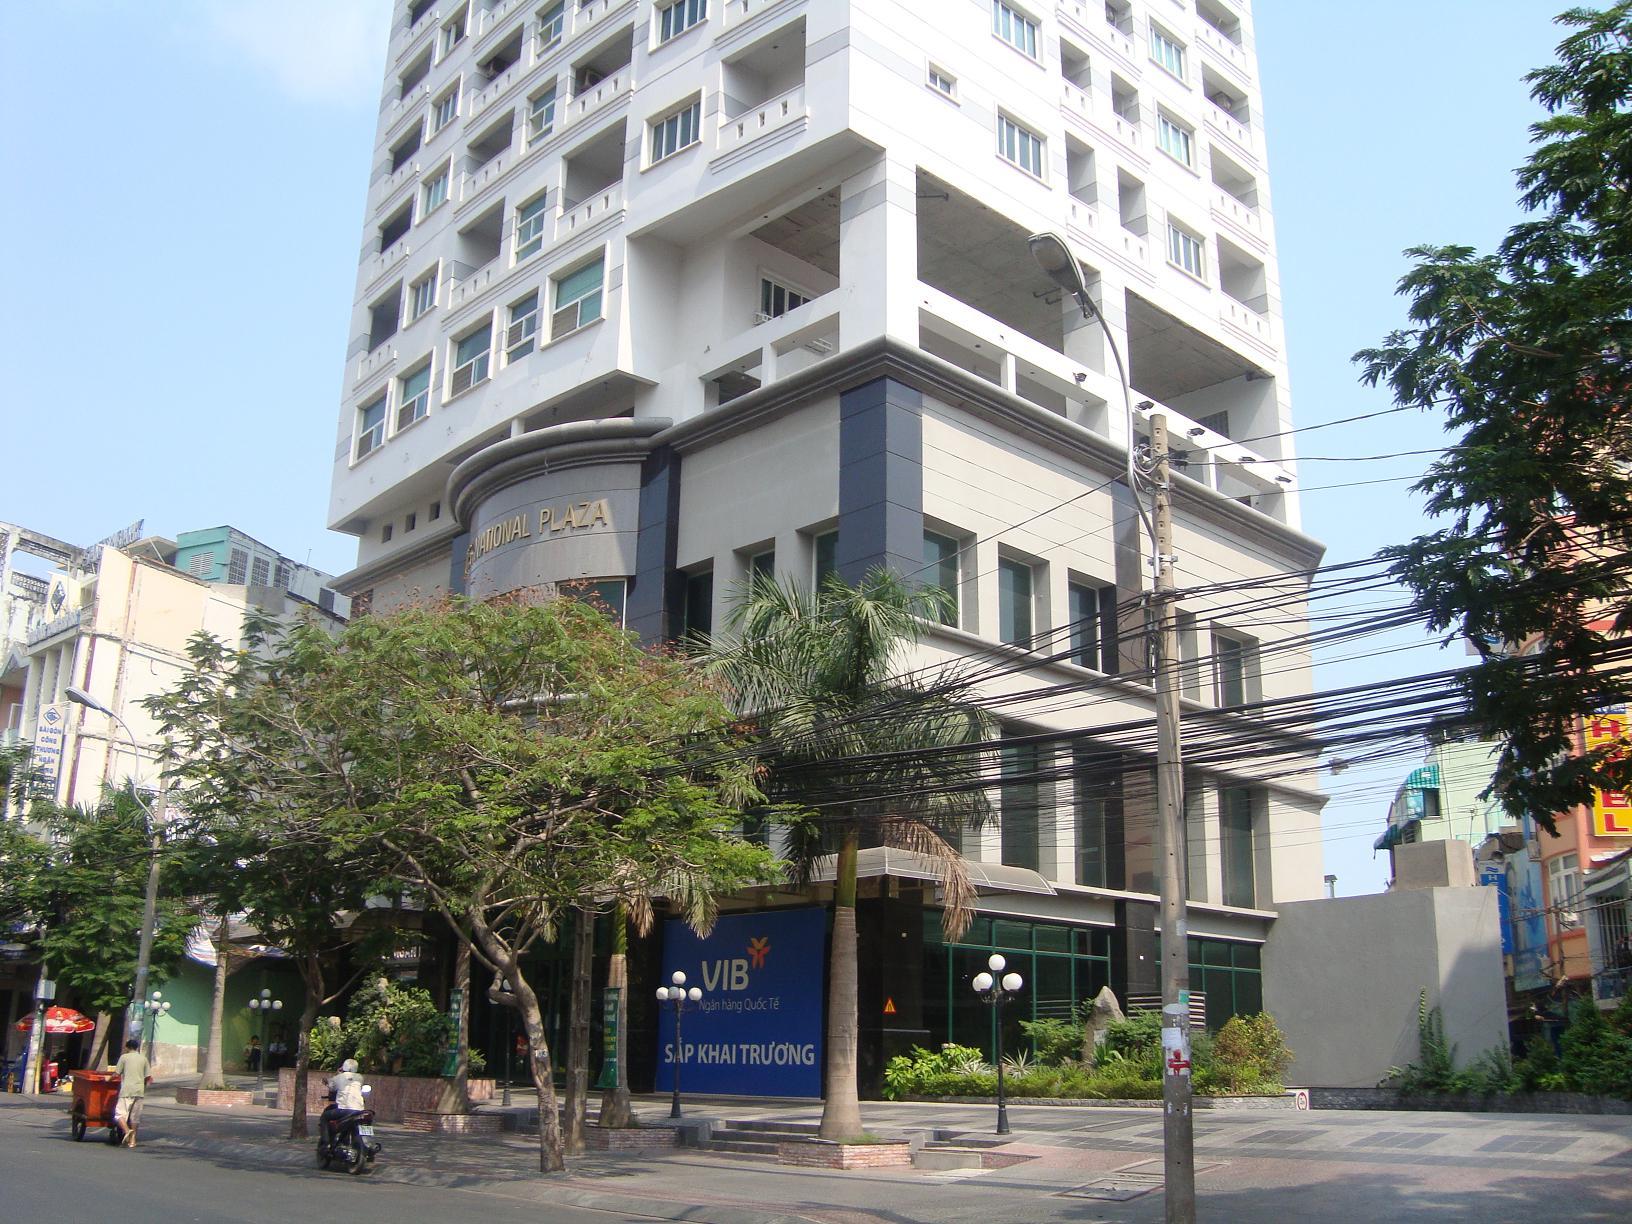 Bán một số cao ốc văn phòng Quận 1 xây dựng 1 hầm 8 lầu DT 133m2-350m2